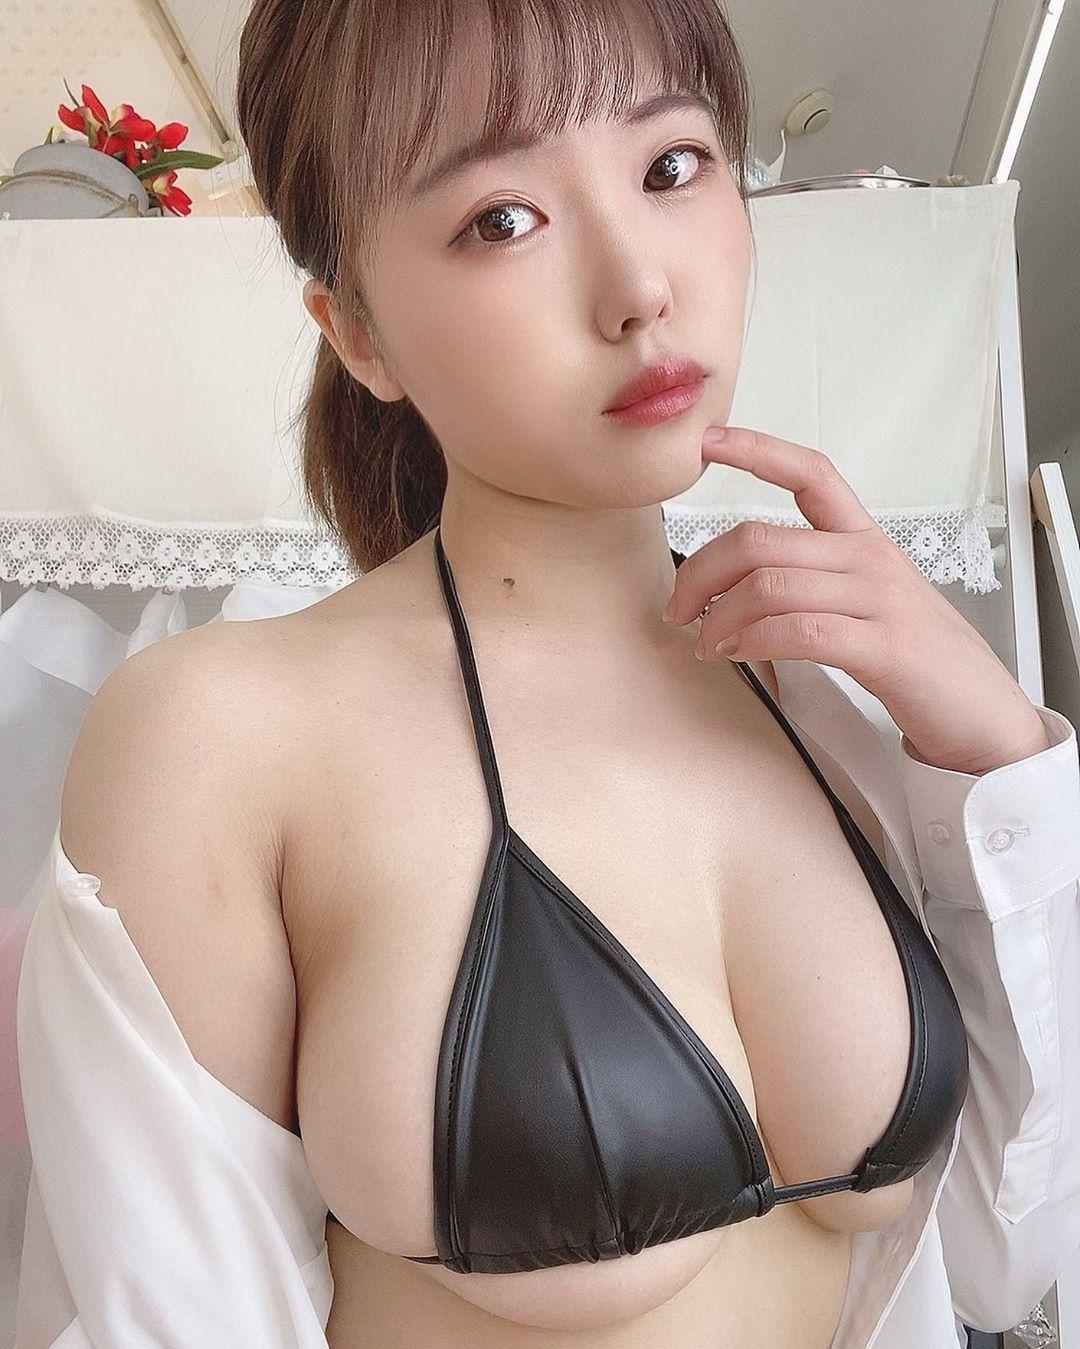 日本美女大生桜田なな半露酥胸放送性感上帝视角 养眼图片 第7张